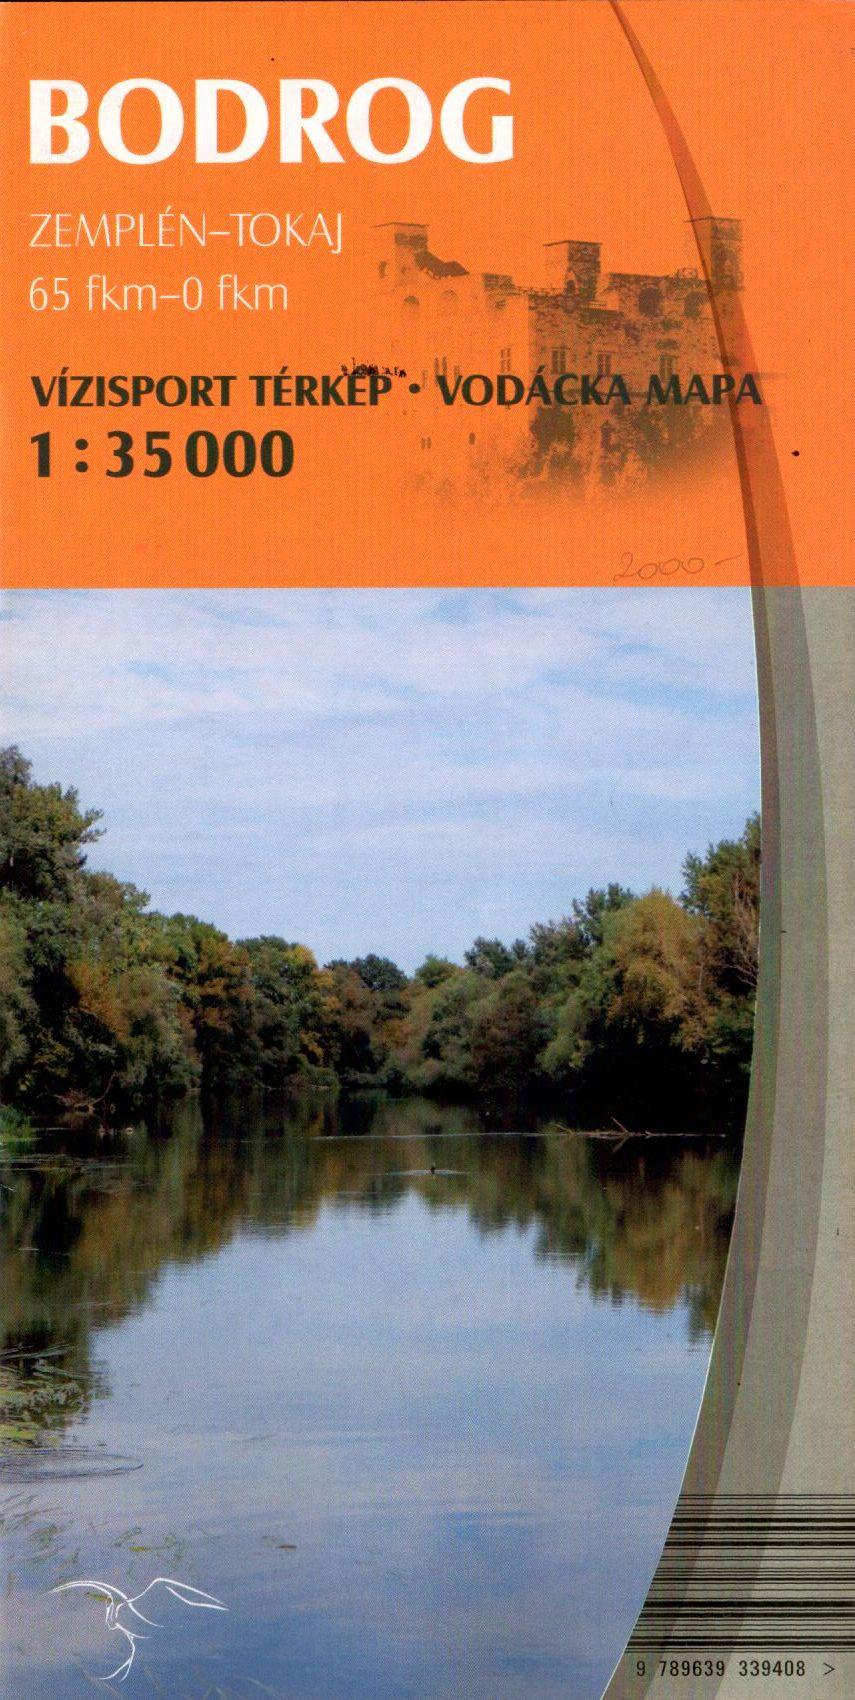 Bodrog watersport map from Zemplén (Slovakia) to Tokaj